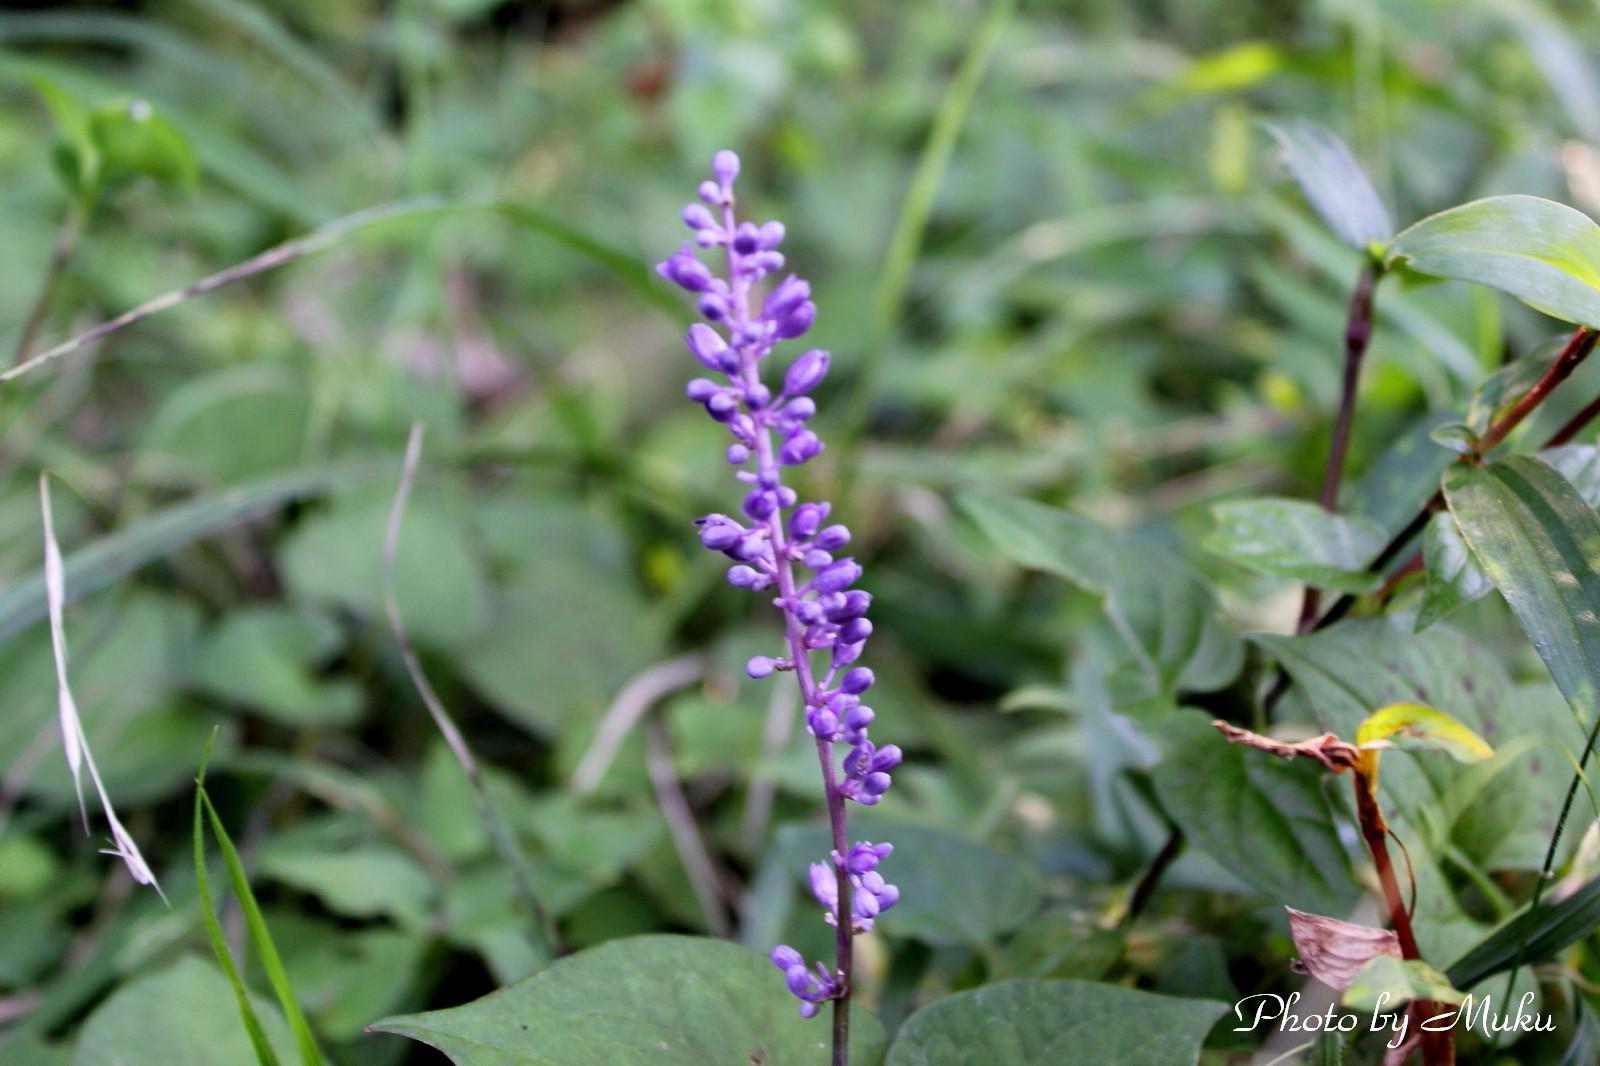 2014.9.14 ヤブラン (菜園:神奈川県横須賀市)